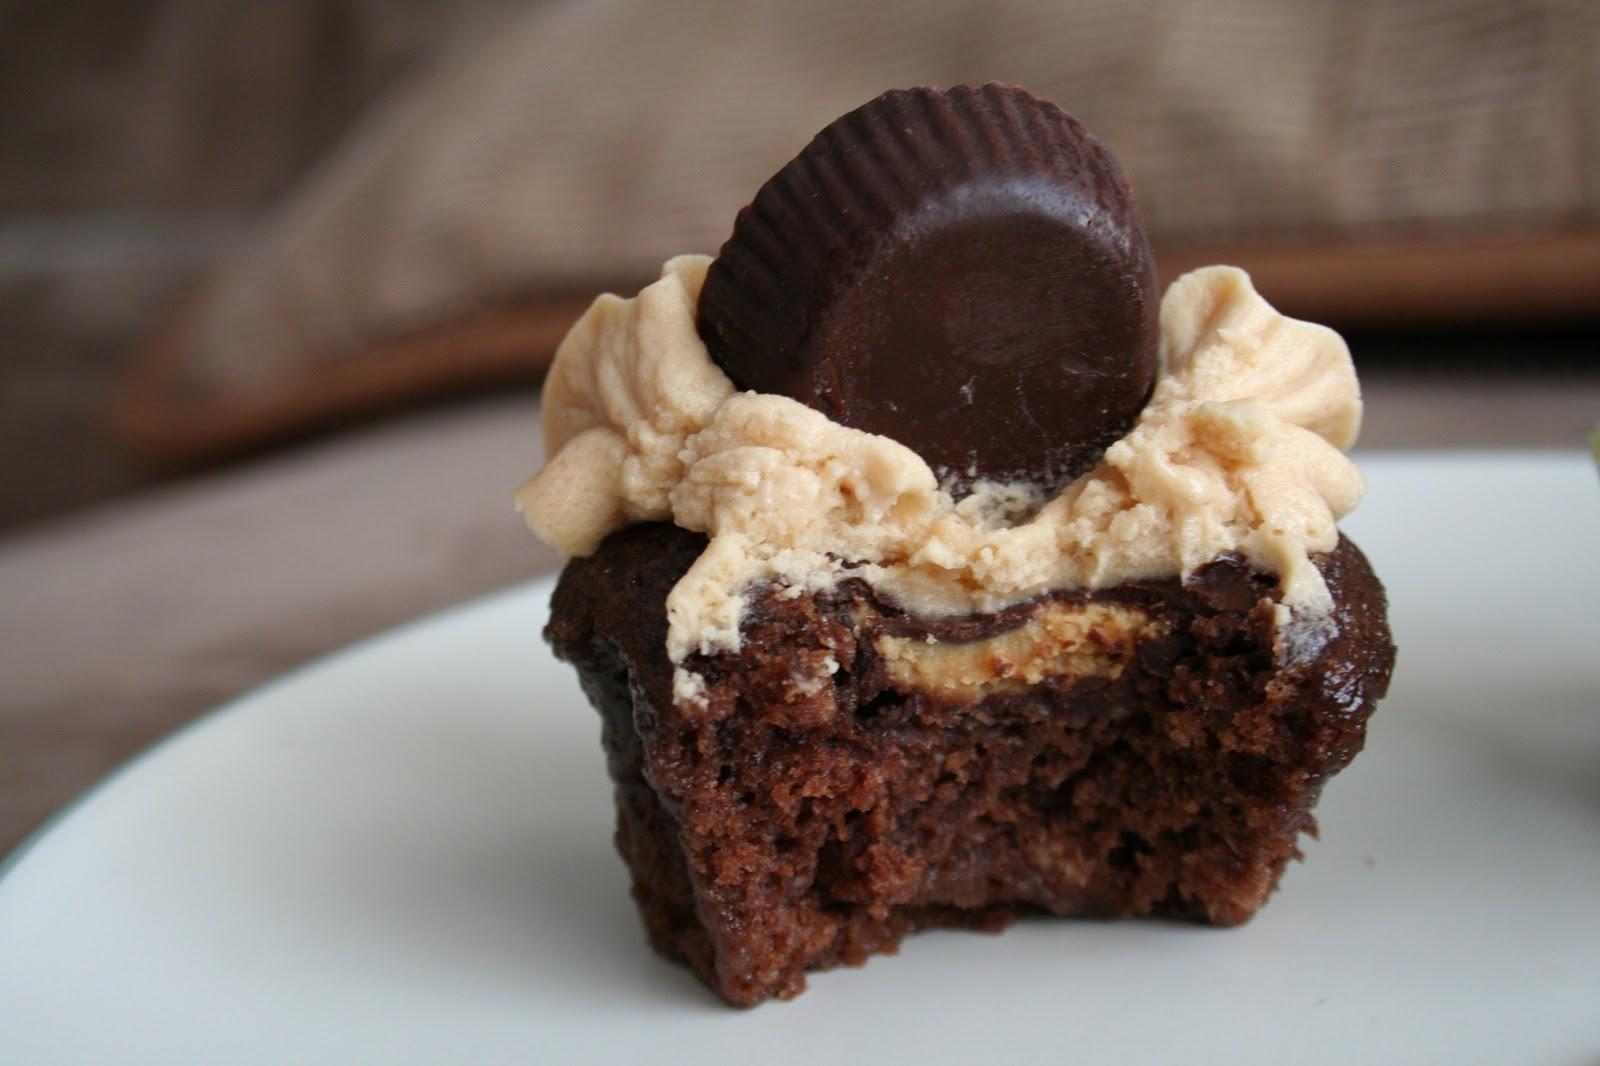 Growing Up Veg: Vegan Chocolate Peanut Butter Cup Cupcakes